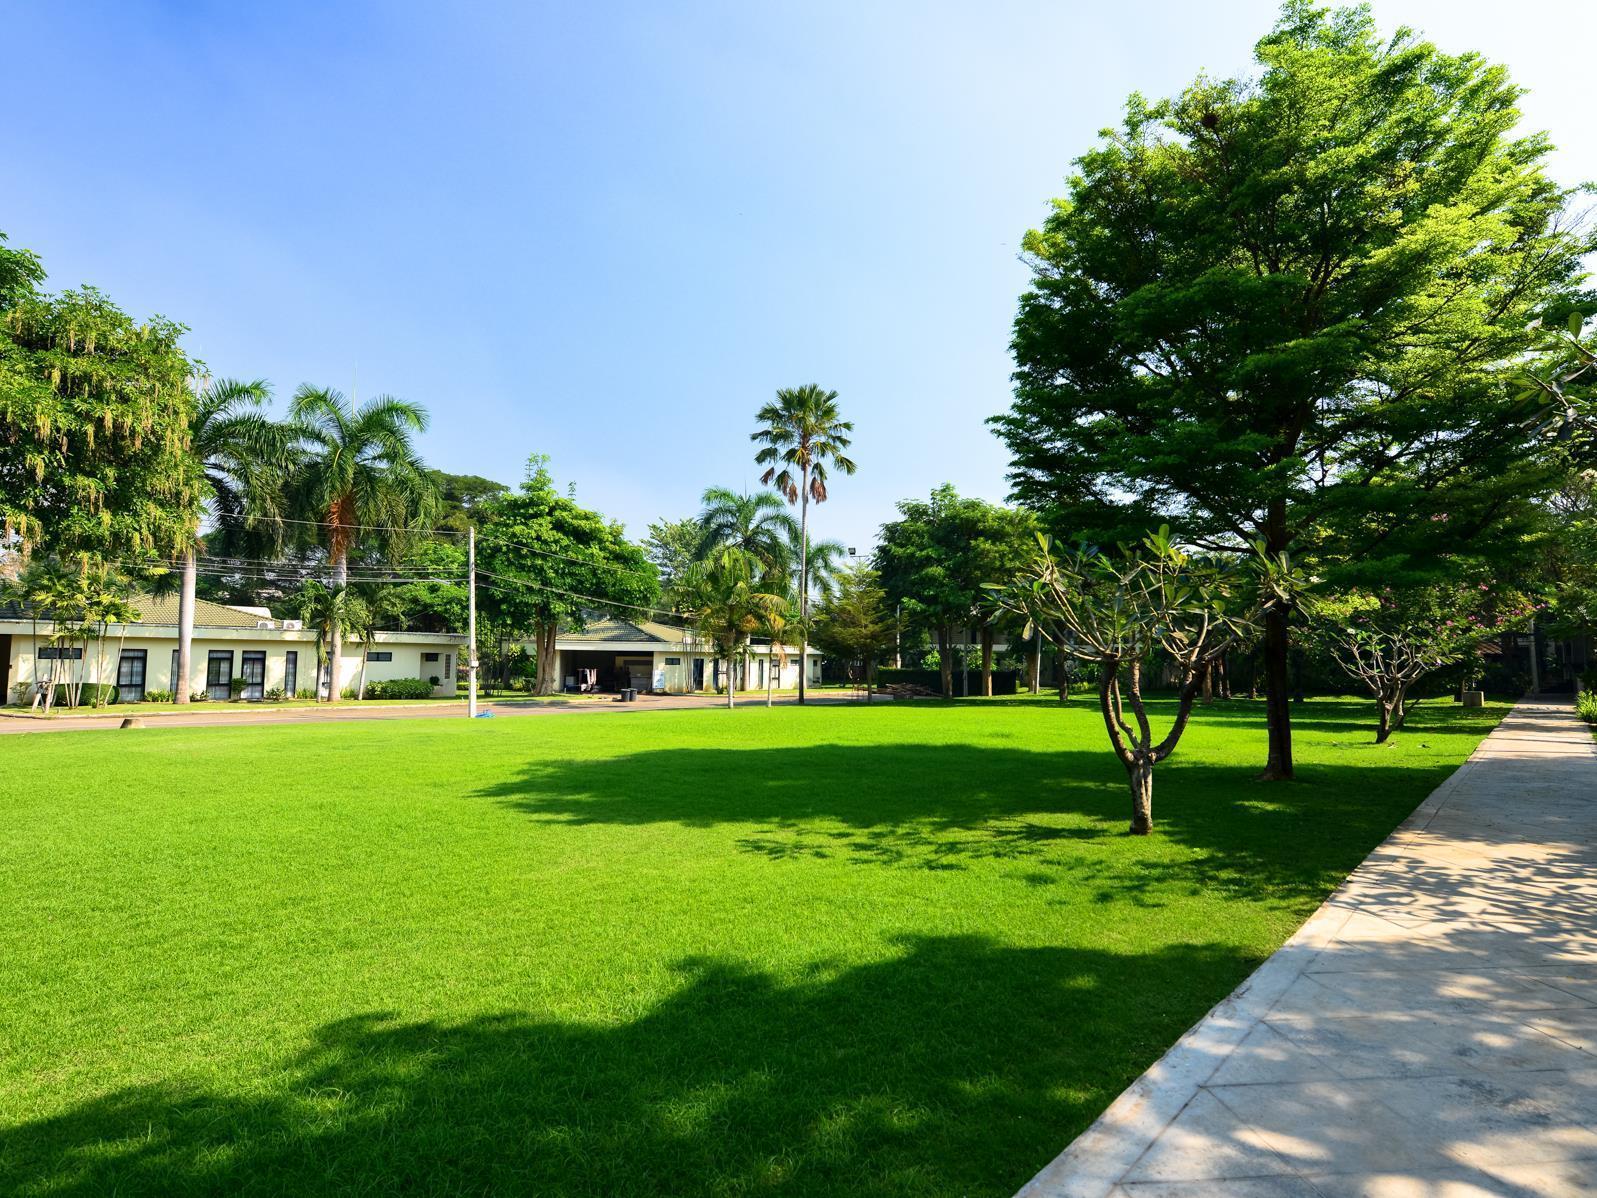 Royal River kwai Resort & Spa รอยัล ริเวอร์แคว รีสอร์ท แอนด์ สปา